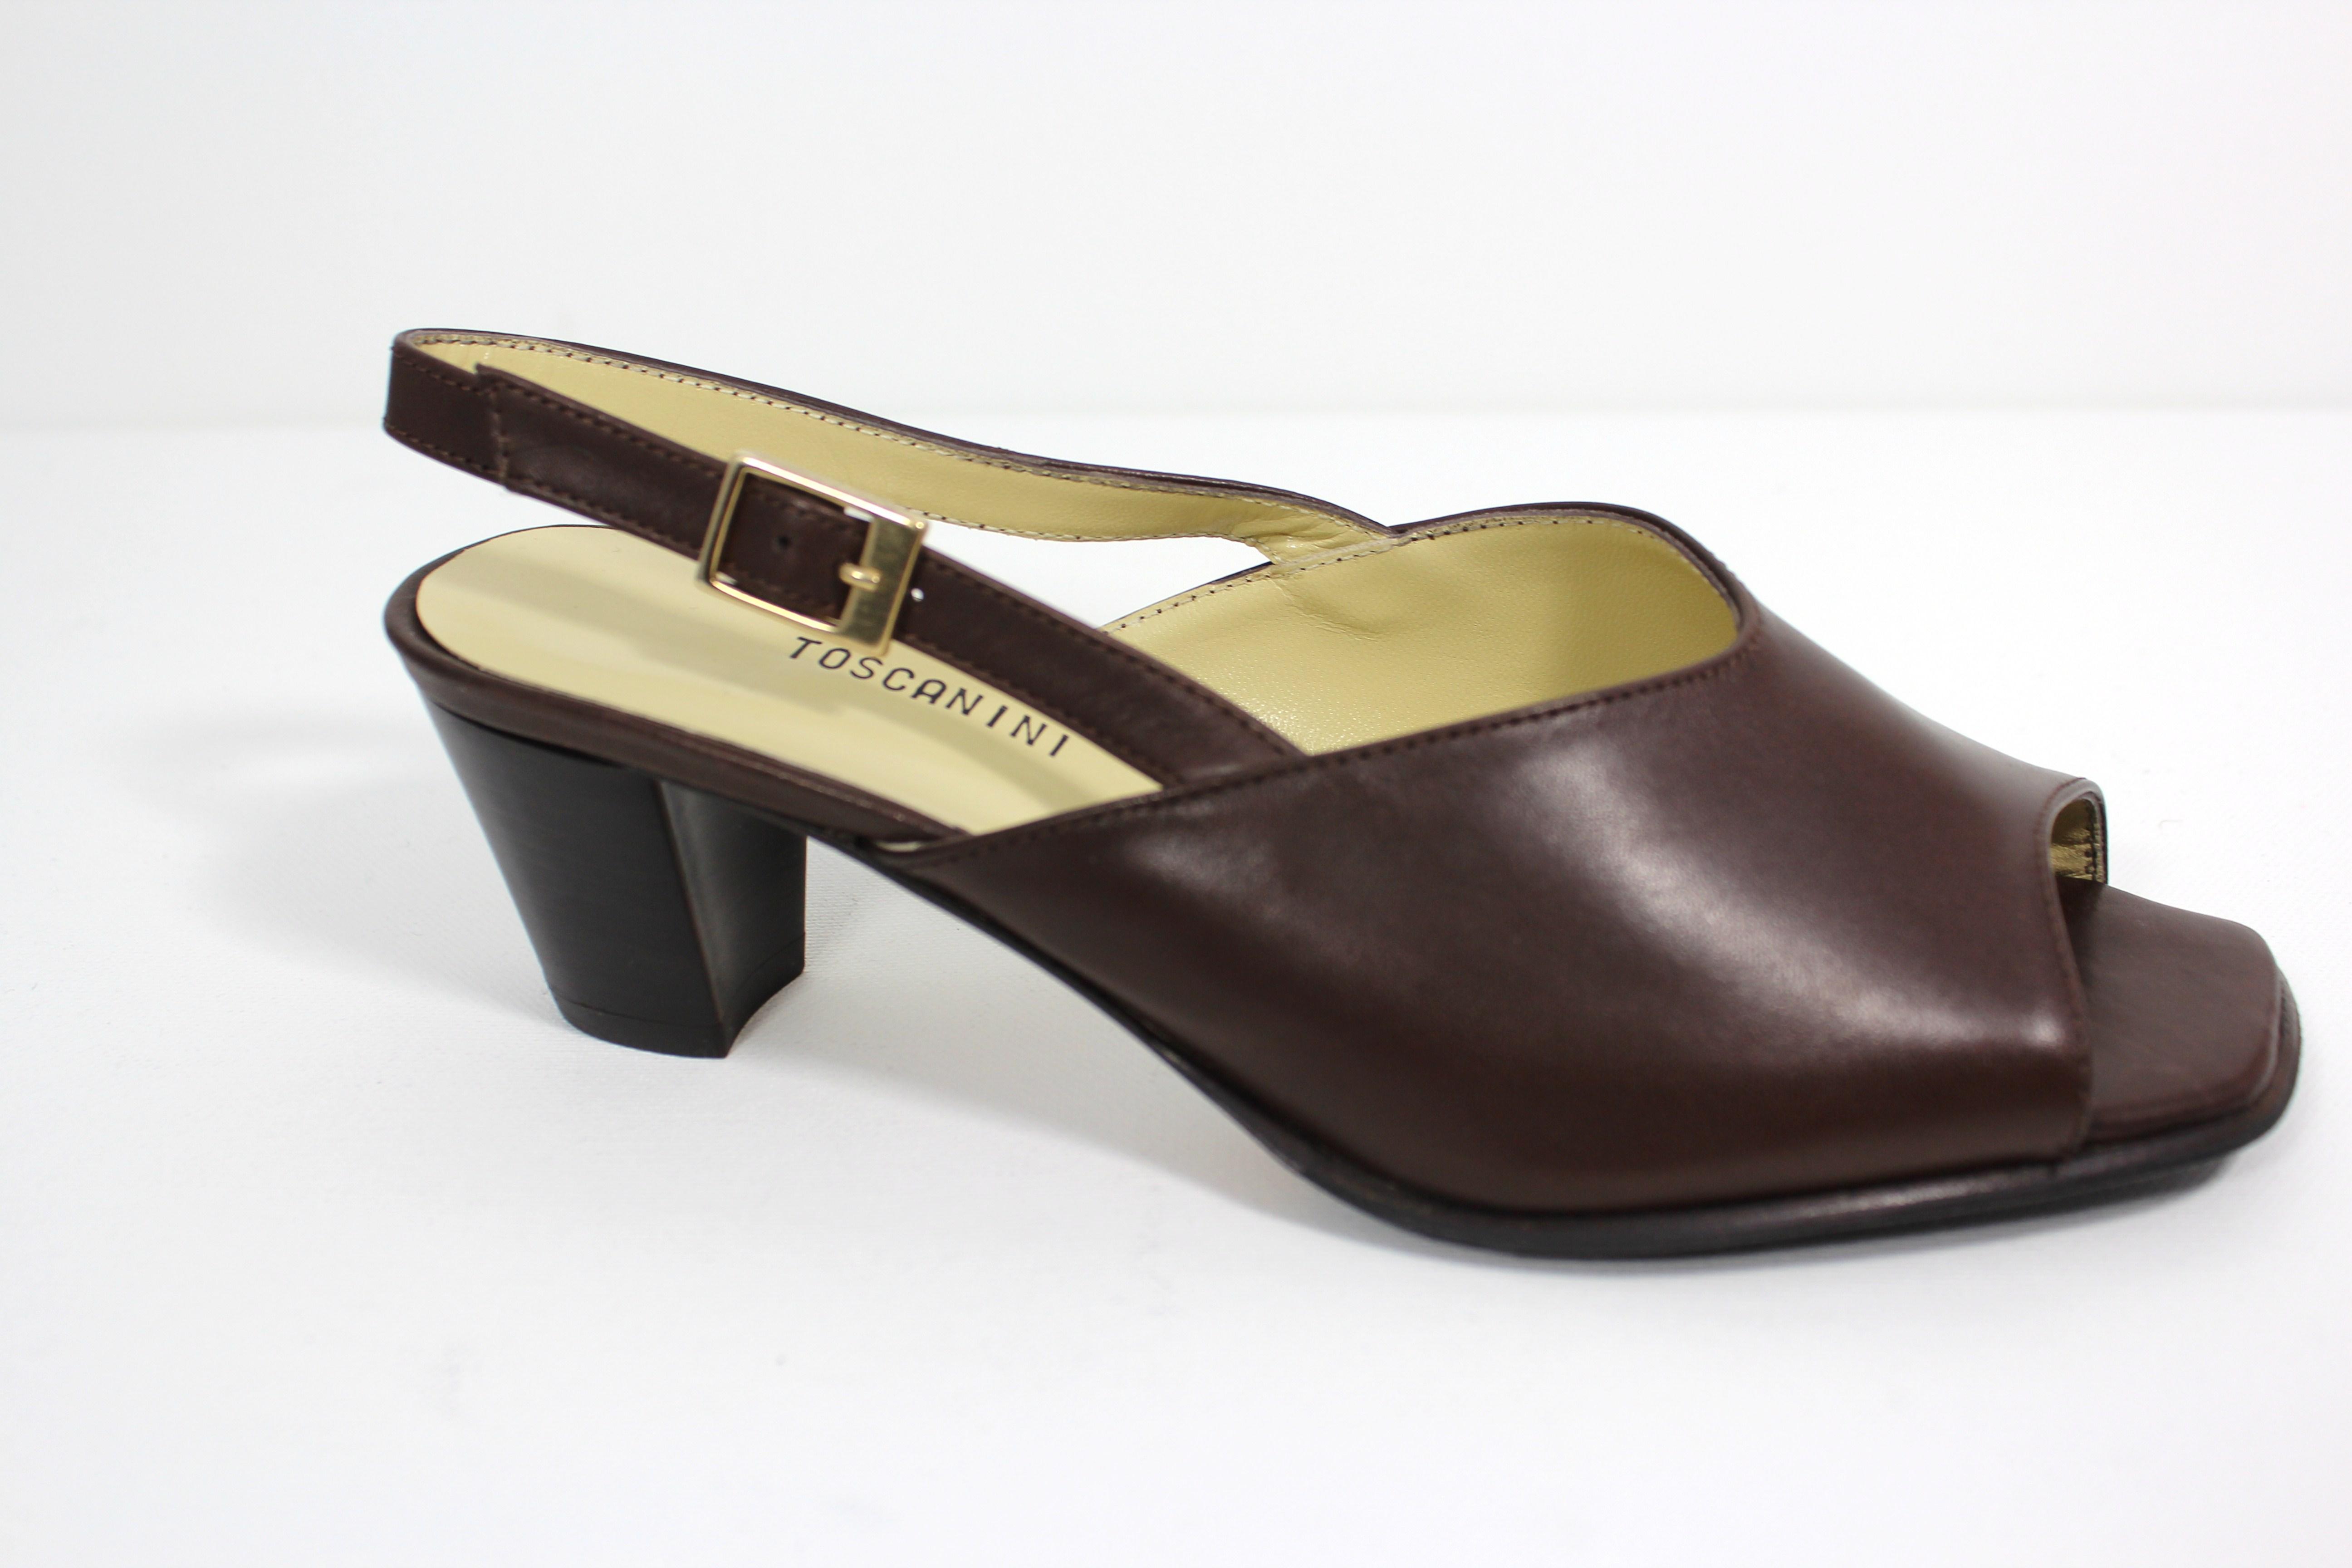 toscanini schuhe in ber und untergr en sandalette 29136004 p2642. Black Bedroom Furniture Sets. Home Design Ideas